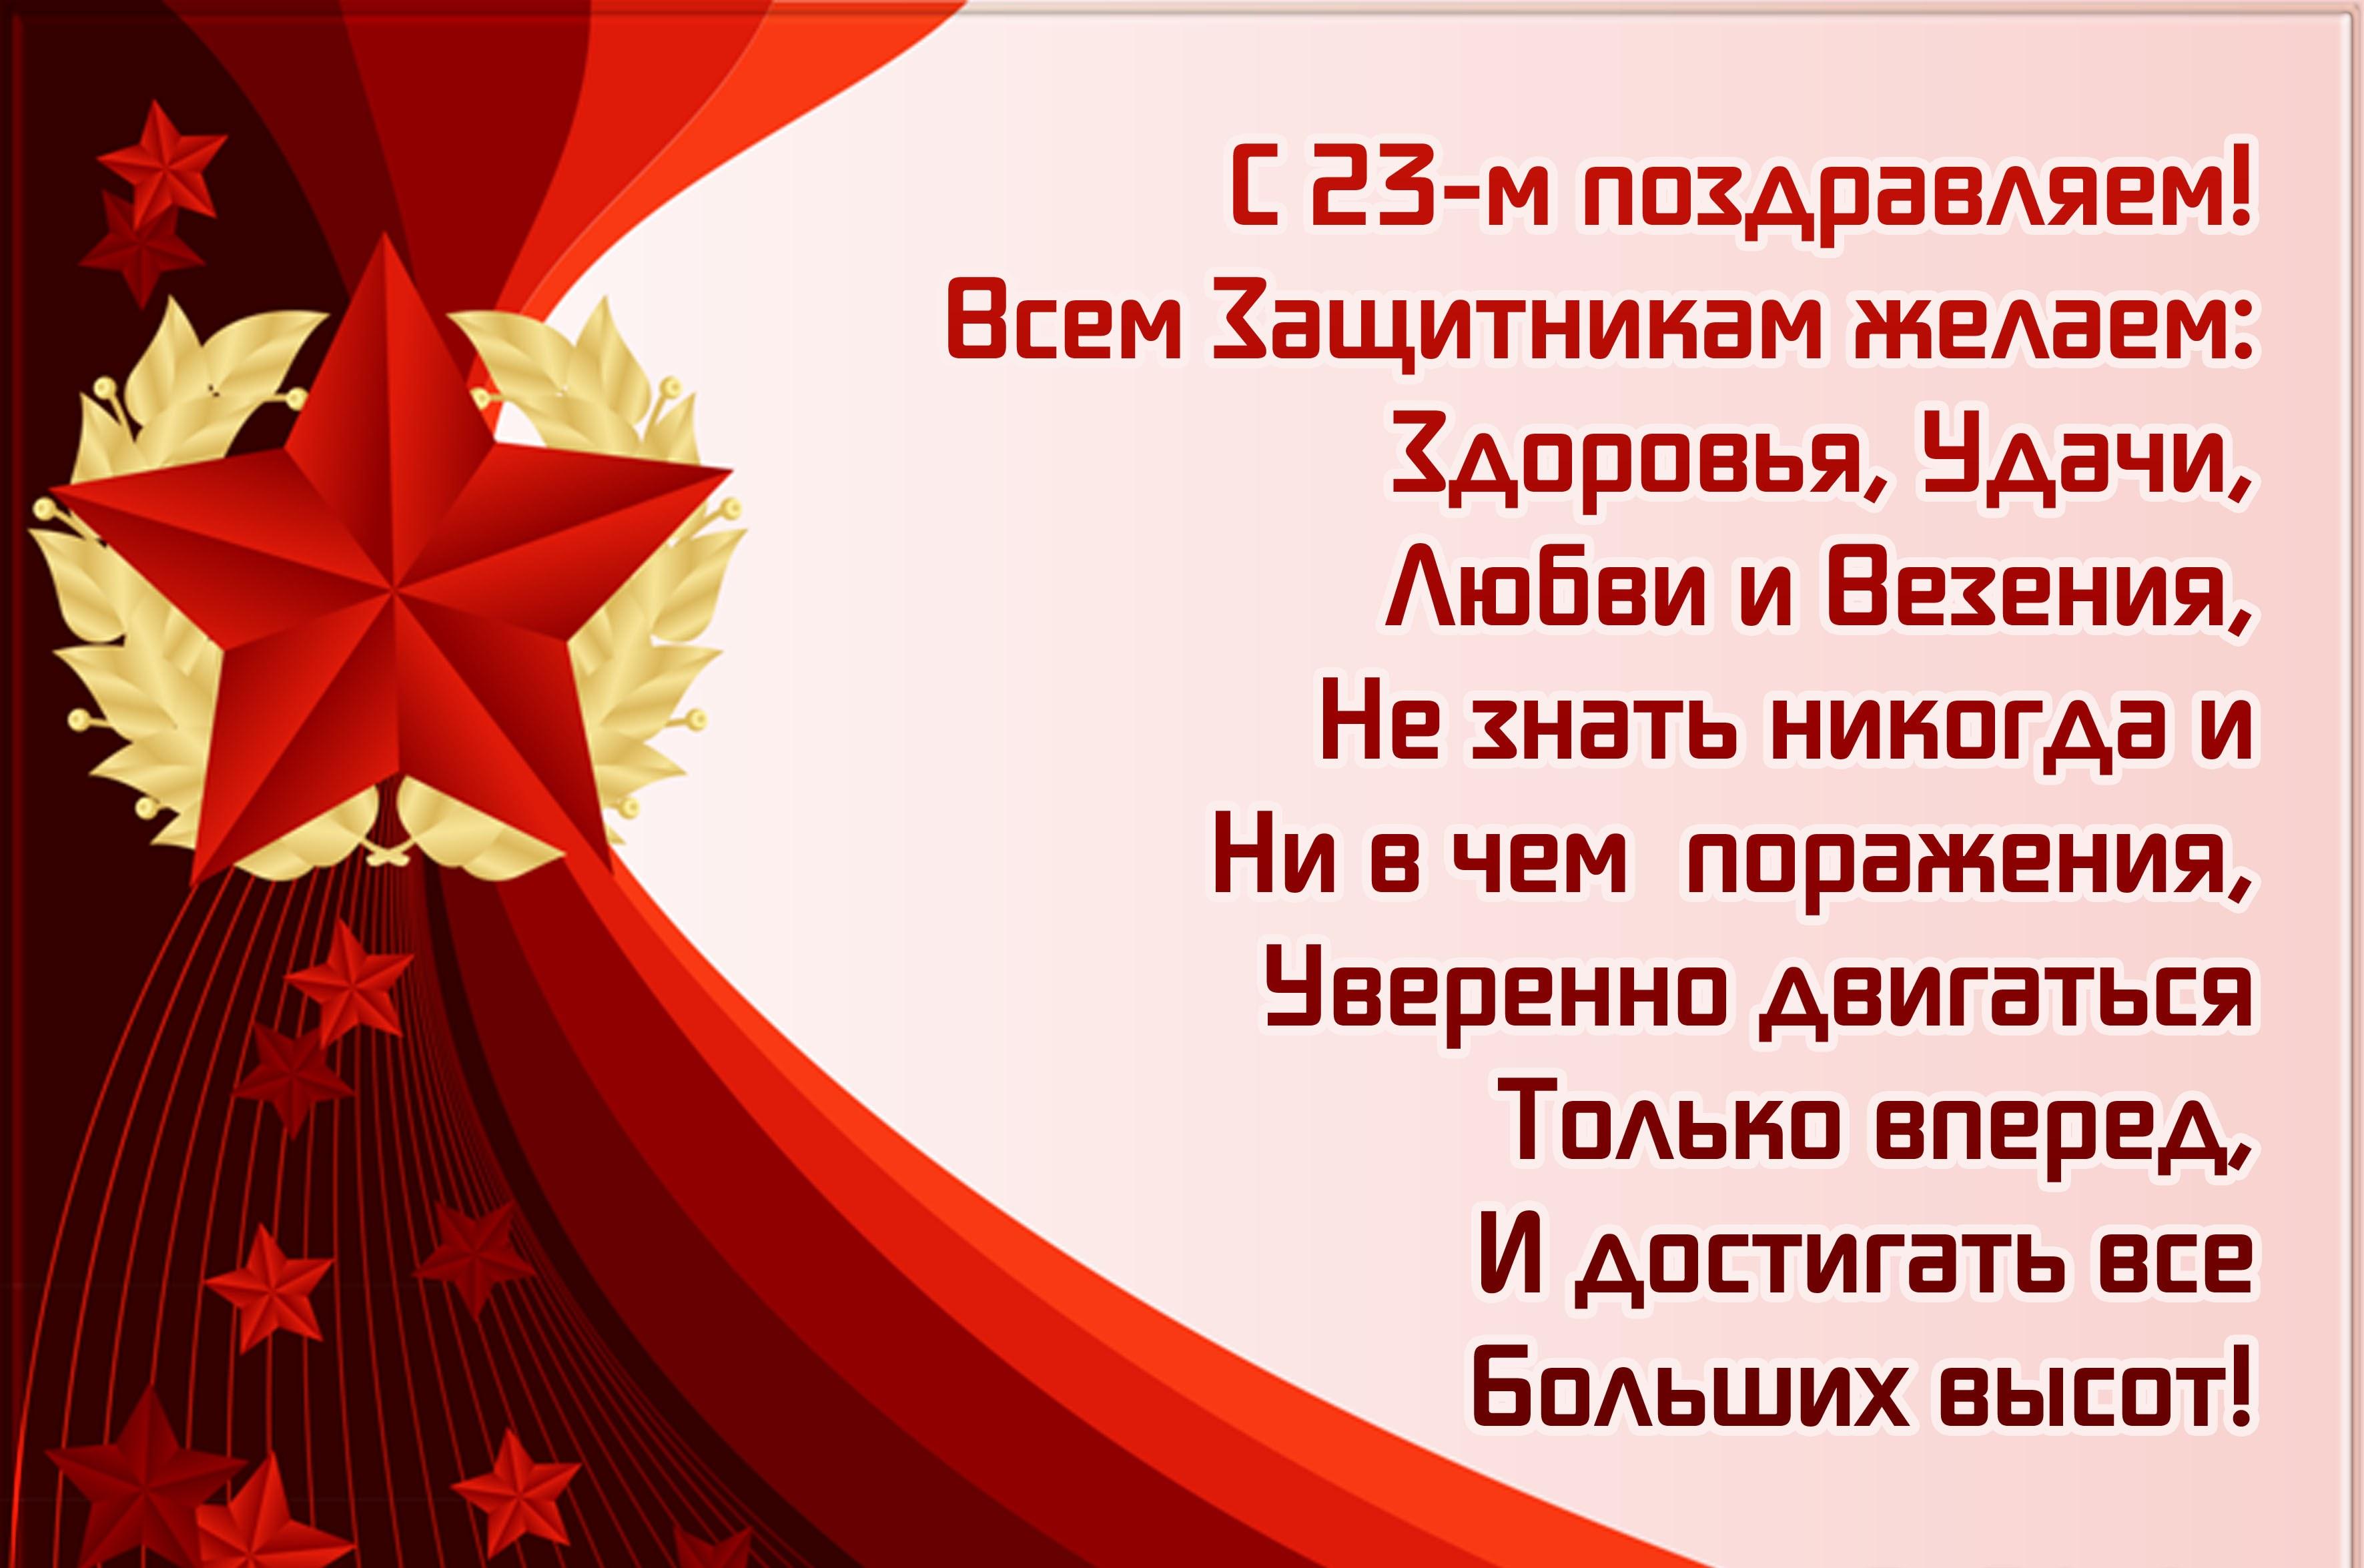 Стихи для поздравления с 23 февраля для коллег